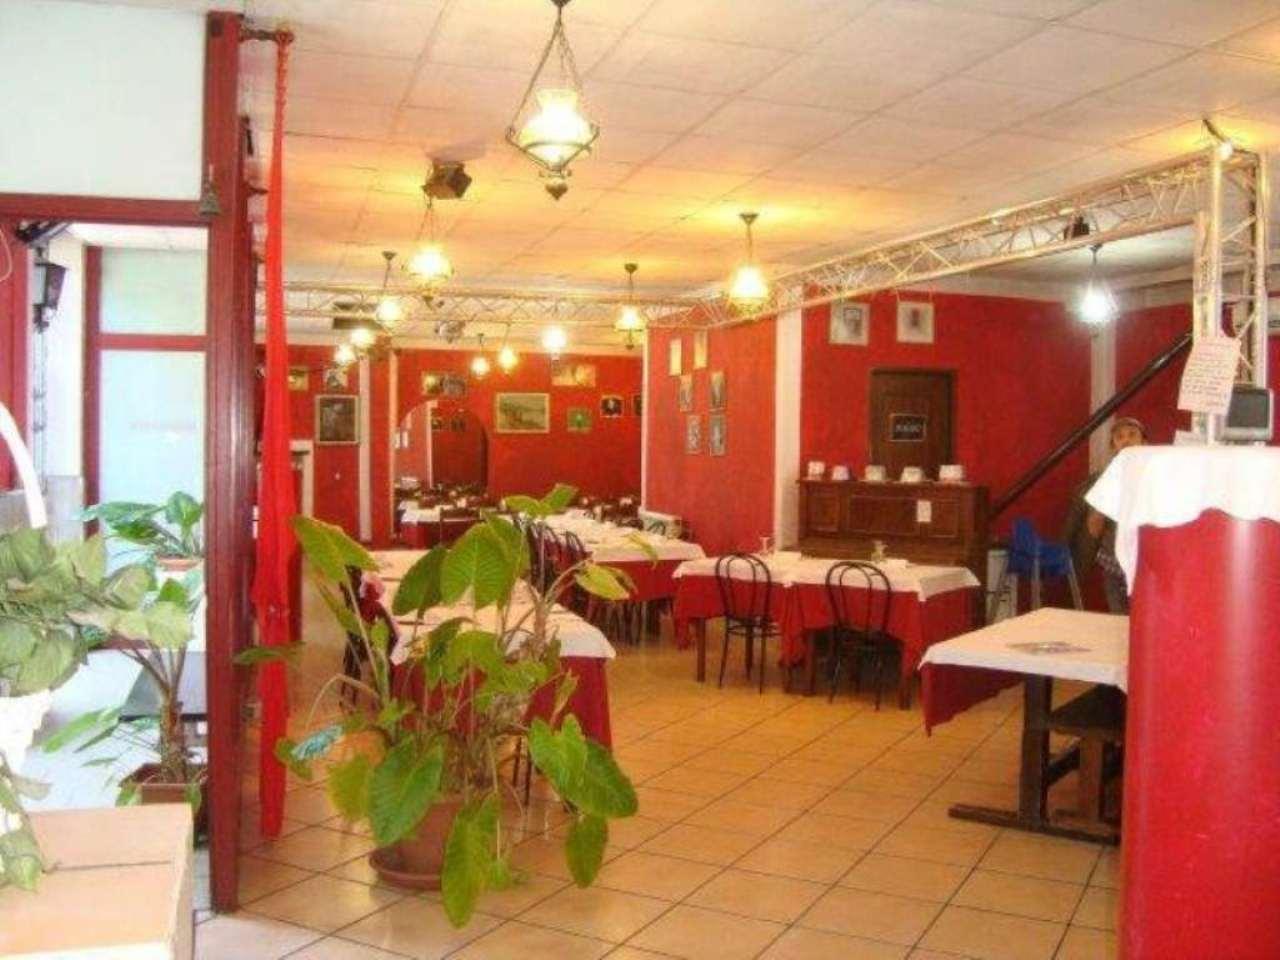 Ristorante / Pizzeria / Trattoria in vendita a Beinasco, 3 locali, prezzo € 120.000 | Cambio Casa.it